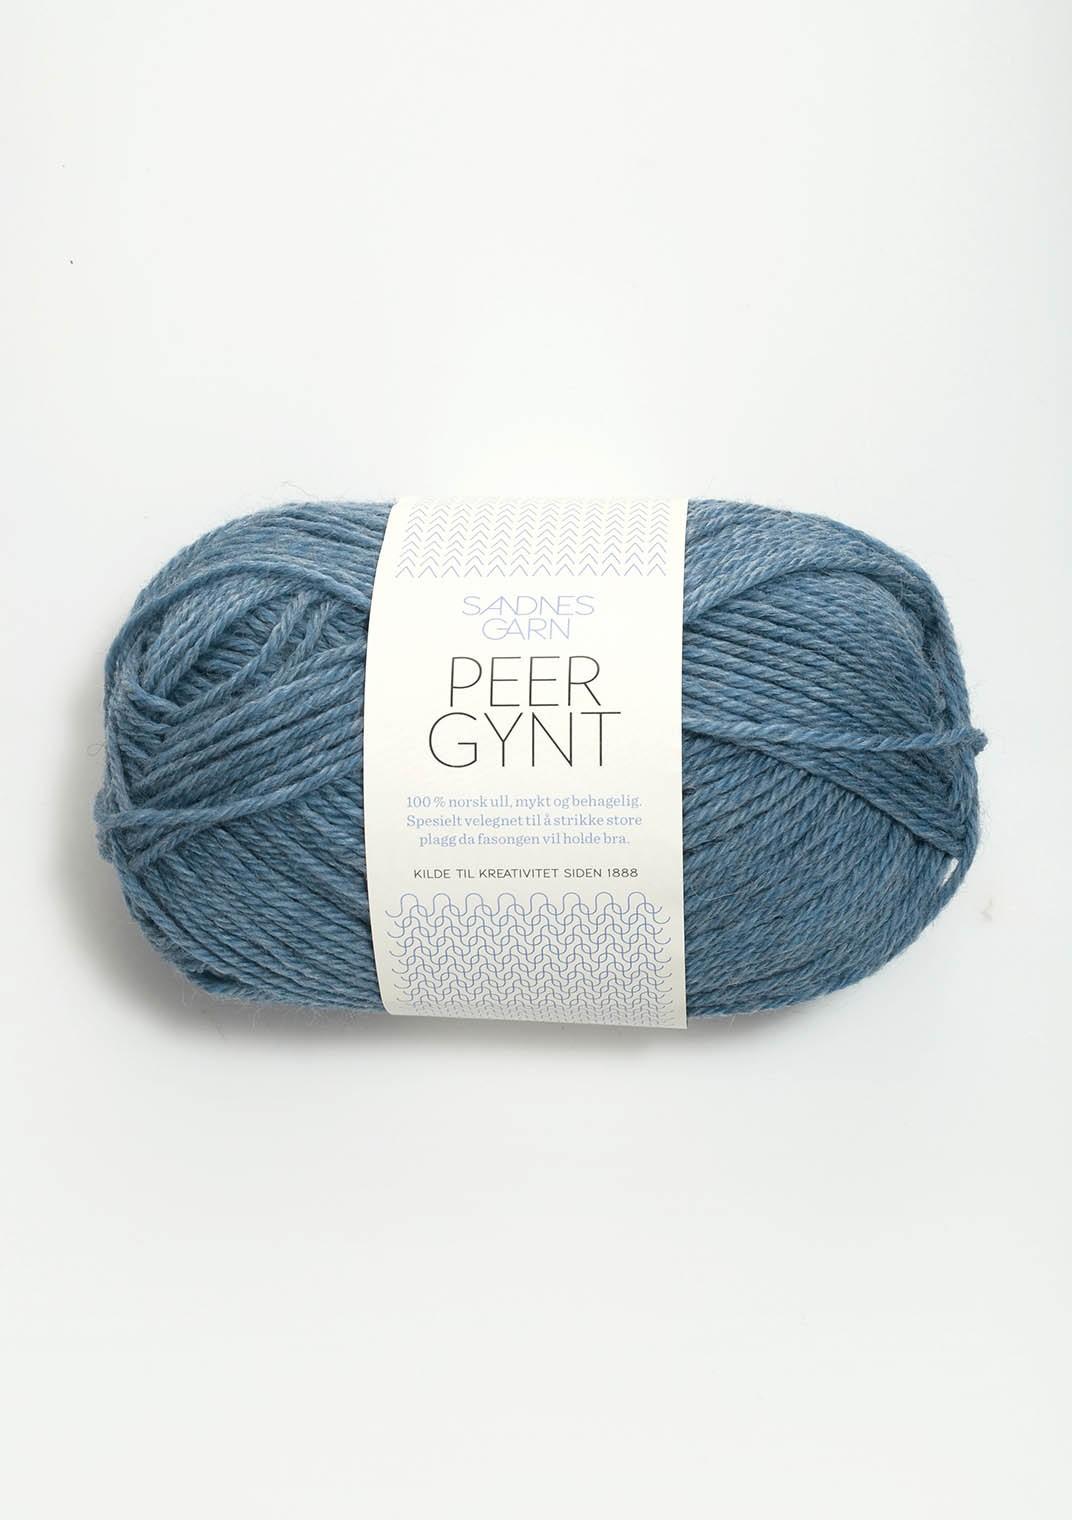 6324 Blåmelert Peer Gynt